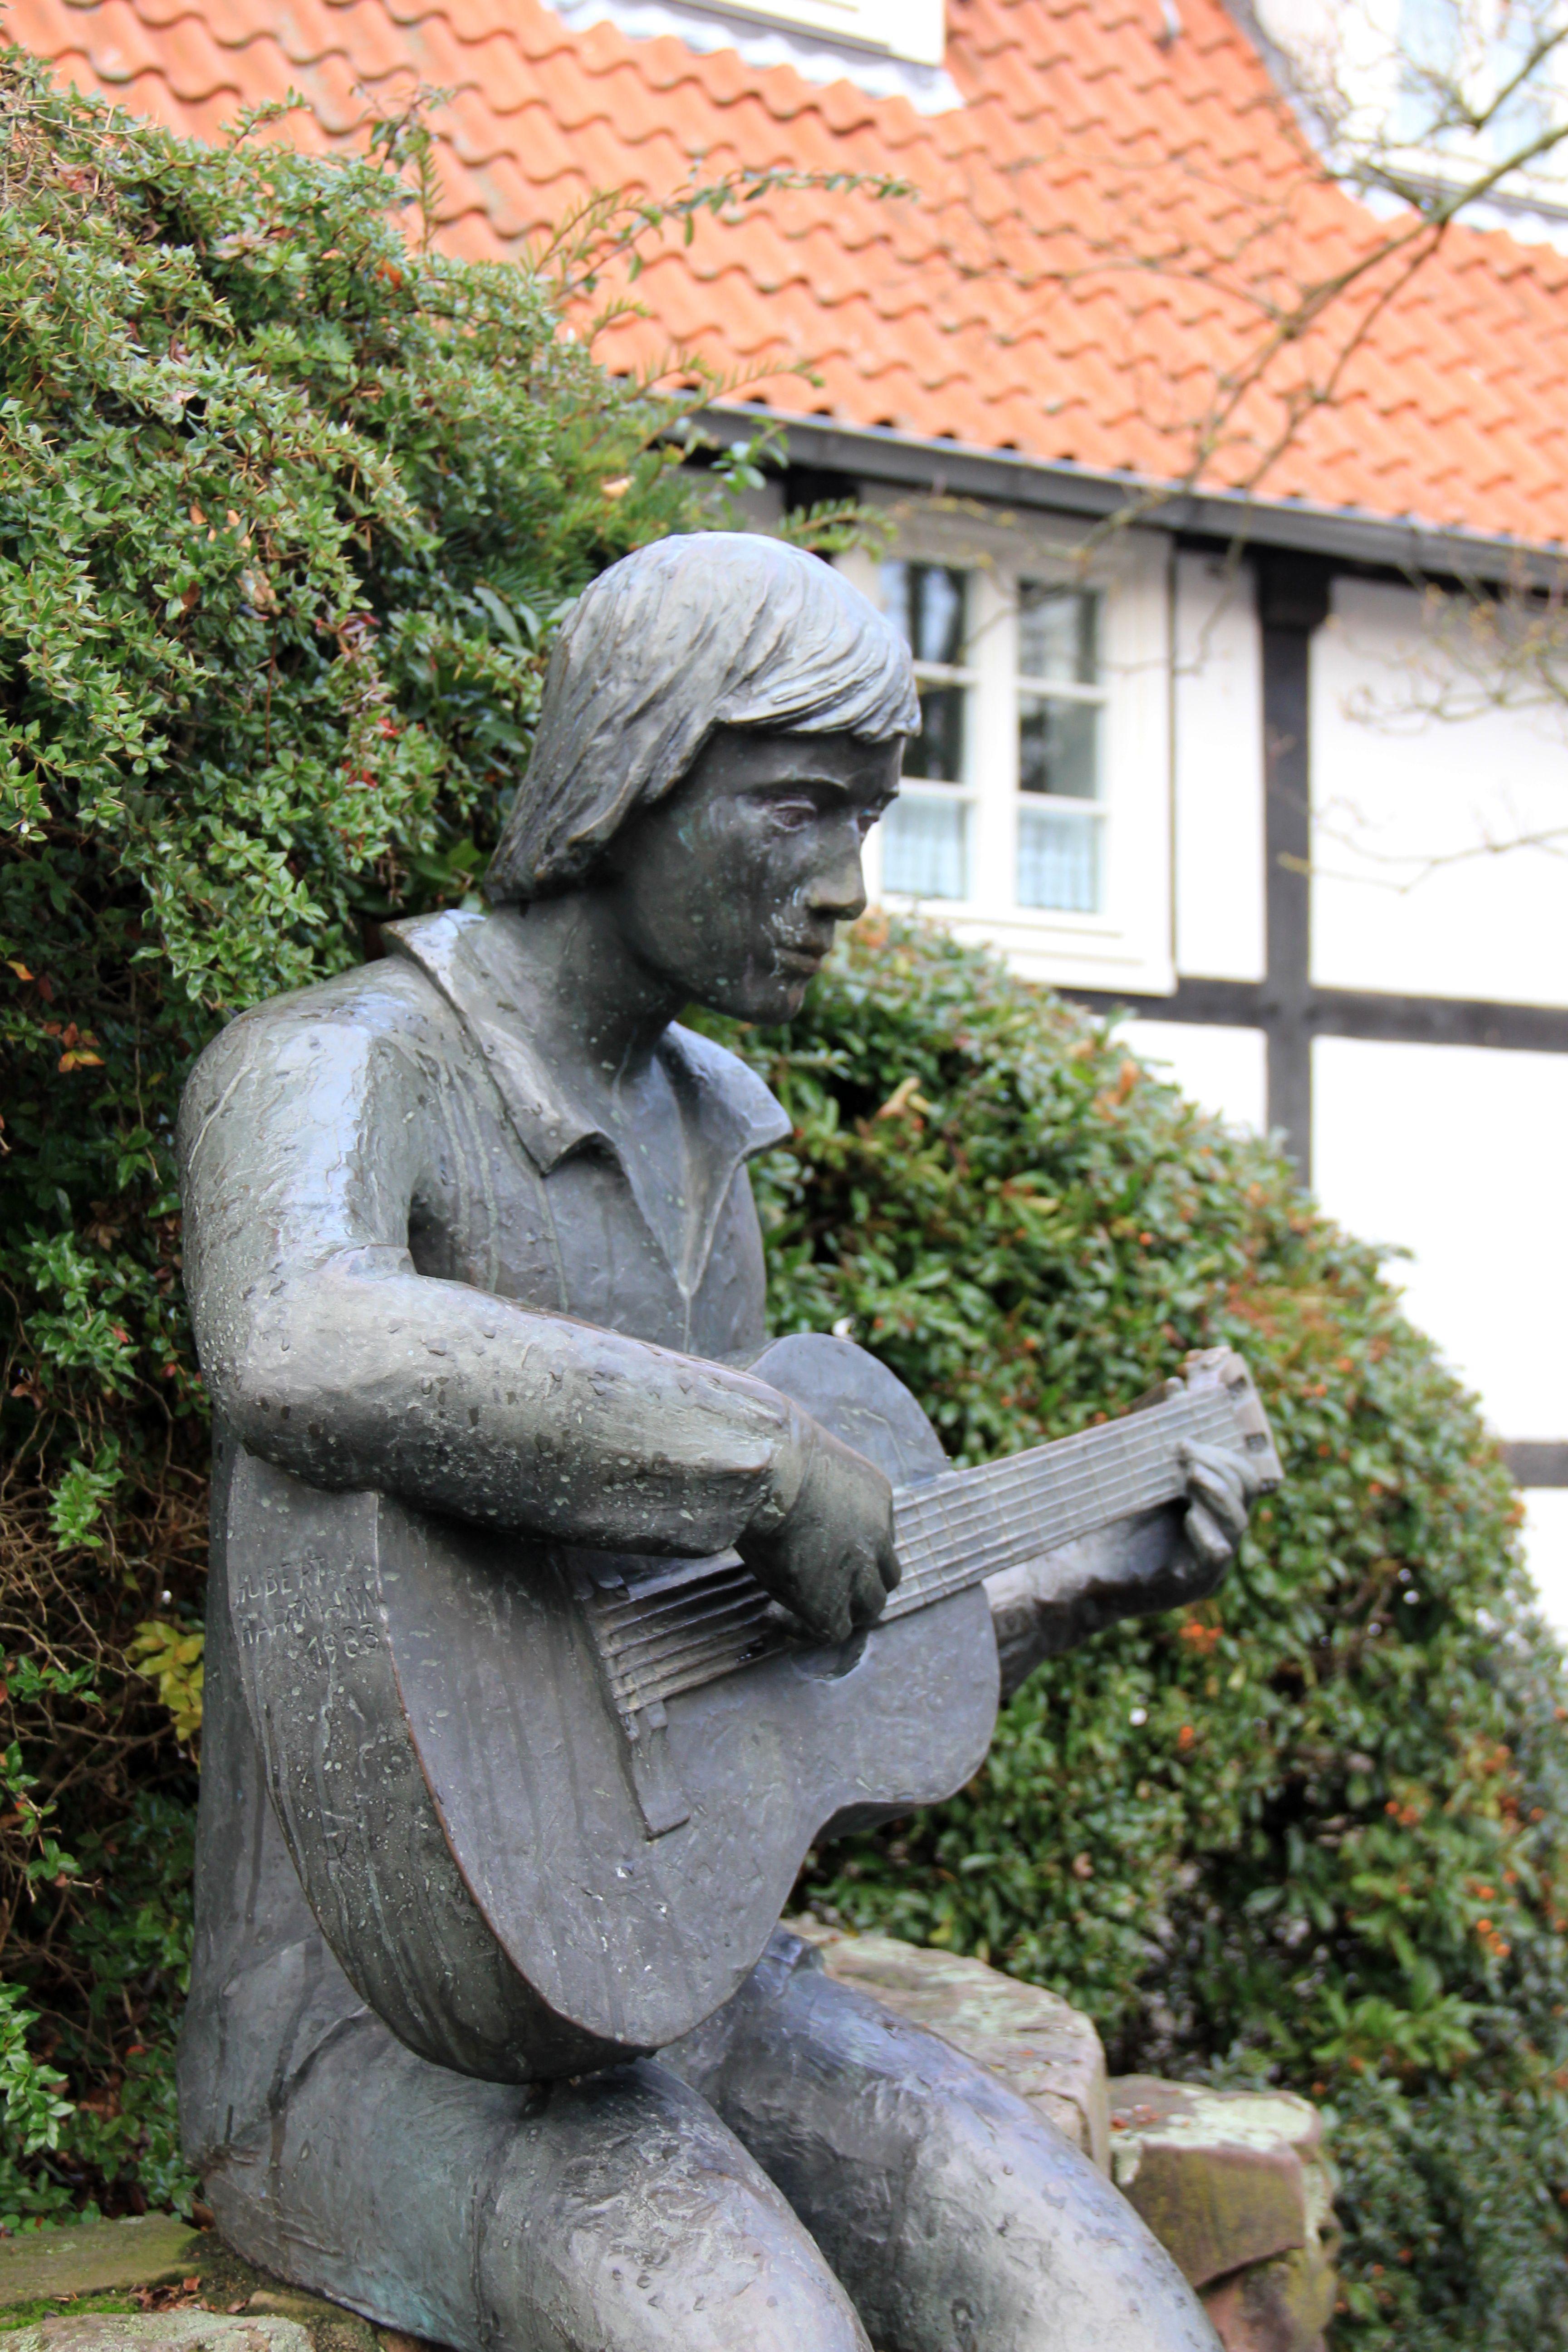 Exceptionnel Sculpture Jardin #3: Guitar-monument-statue-musician-garden-sculpture-memorial-art-1012747.jpg